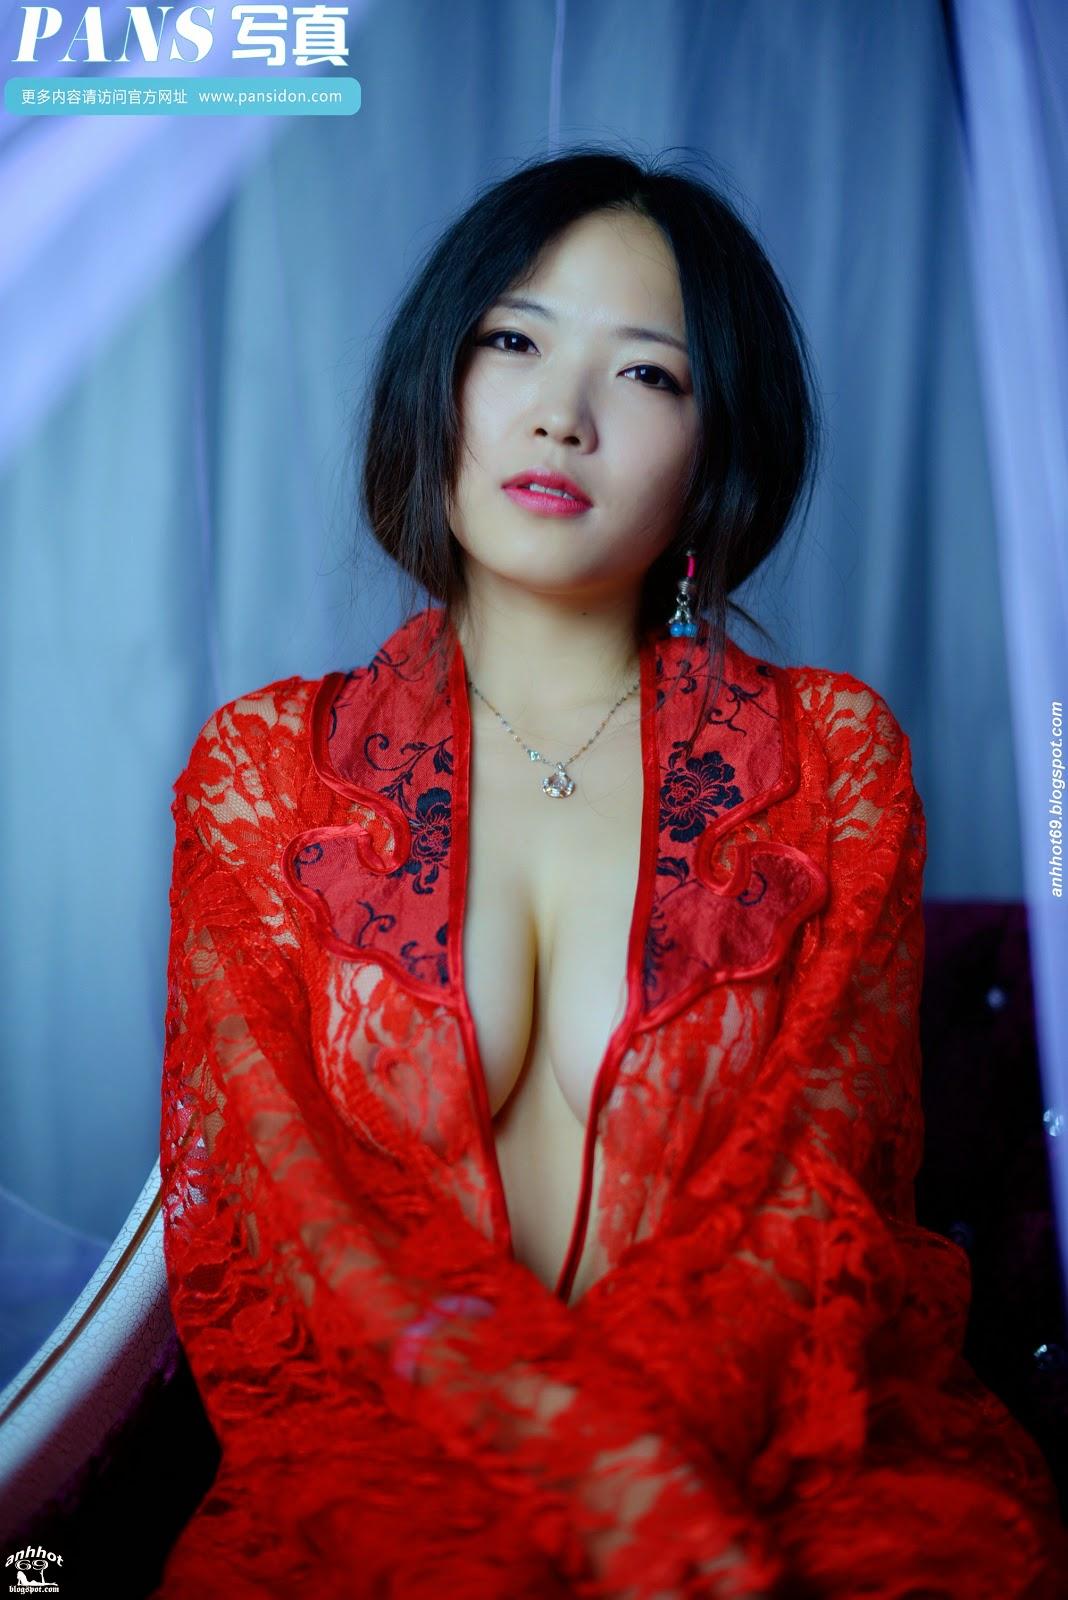 yuhan-pansidon-02851572